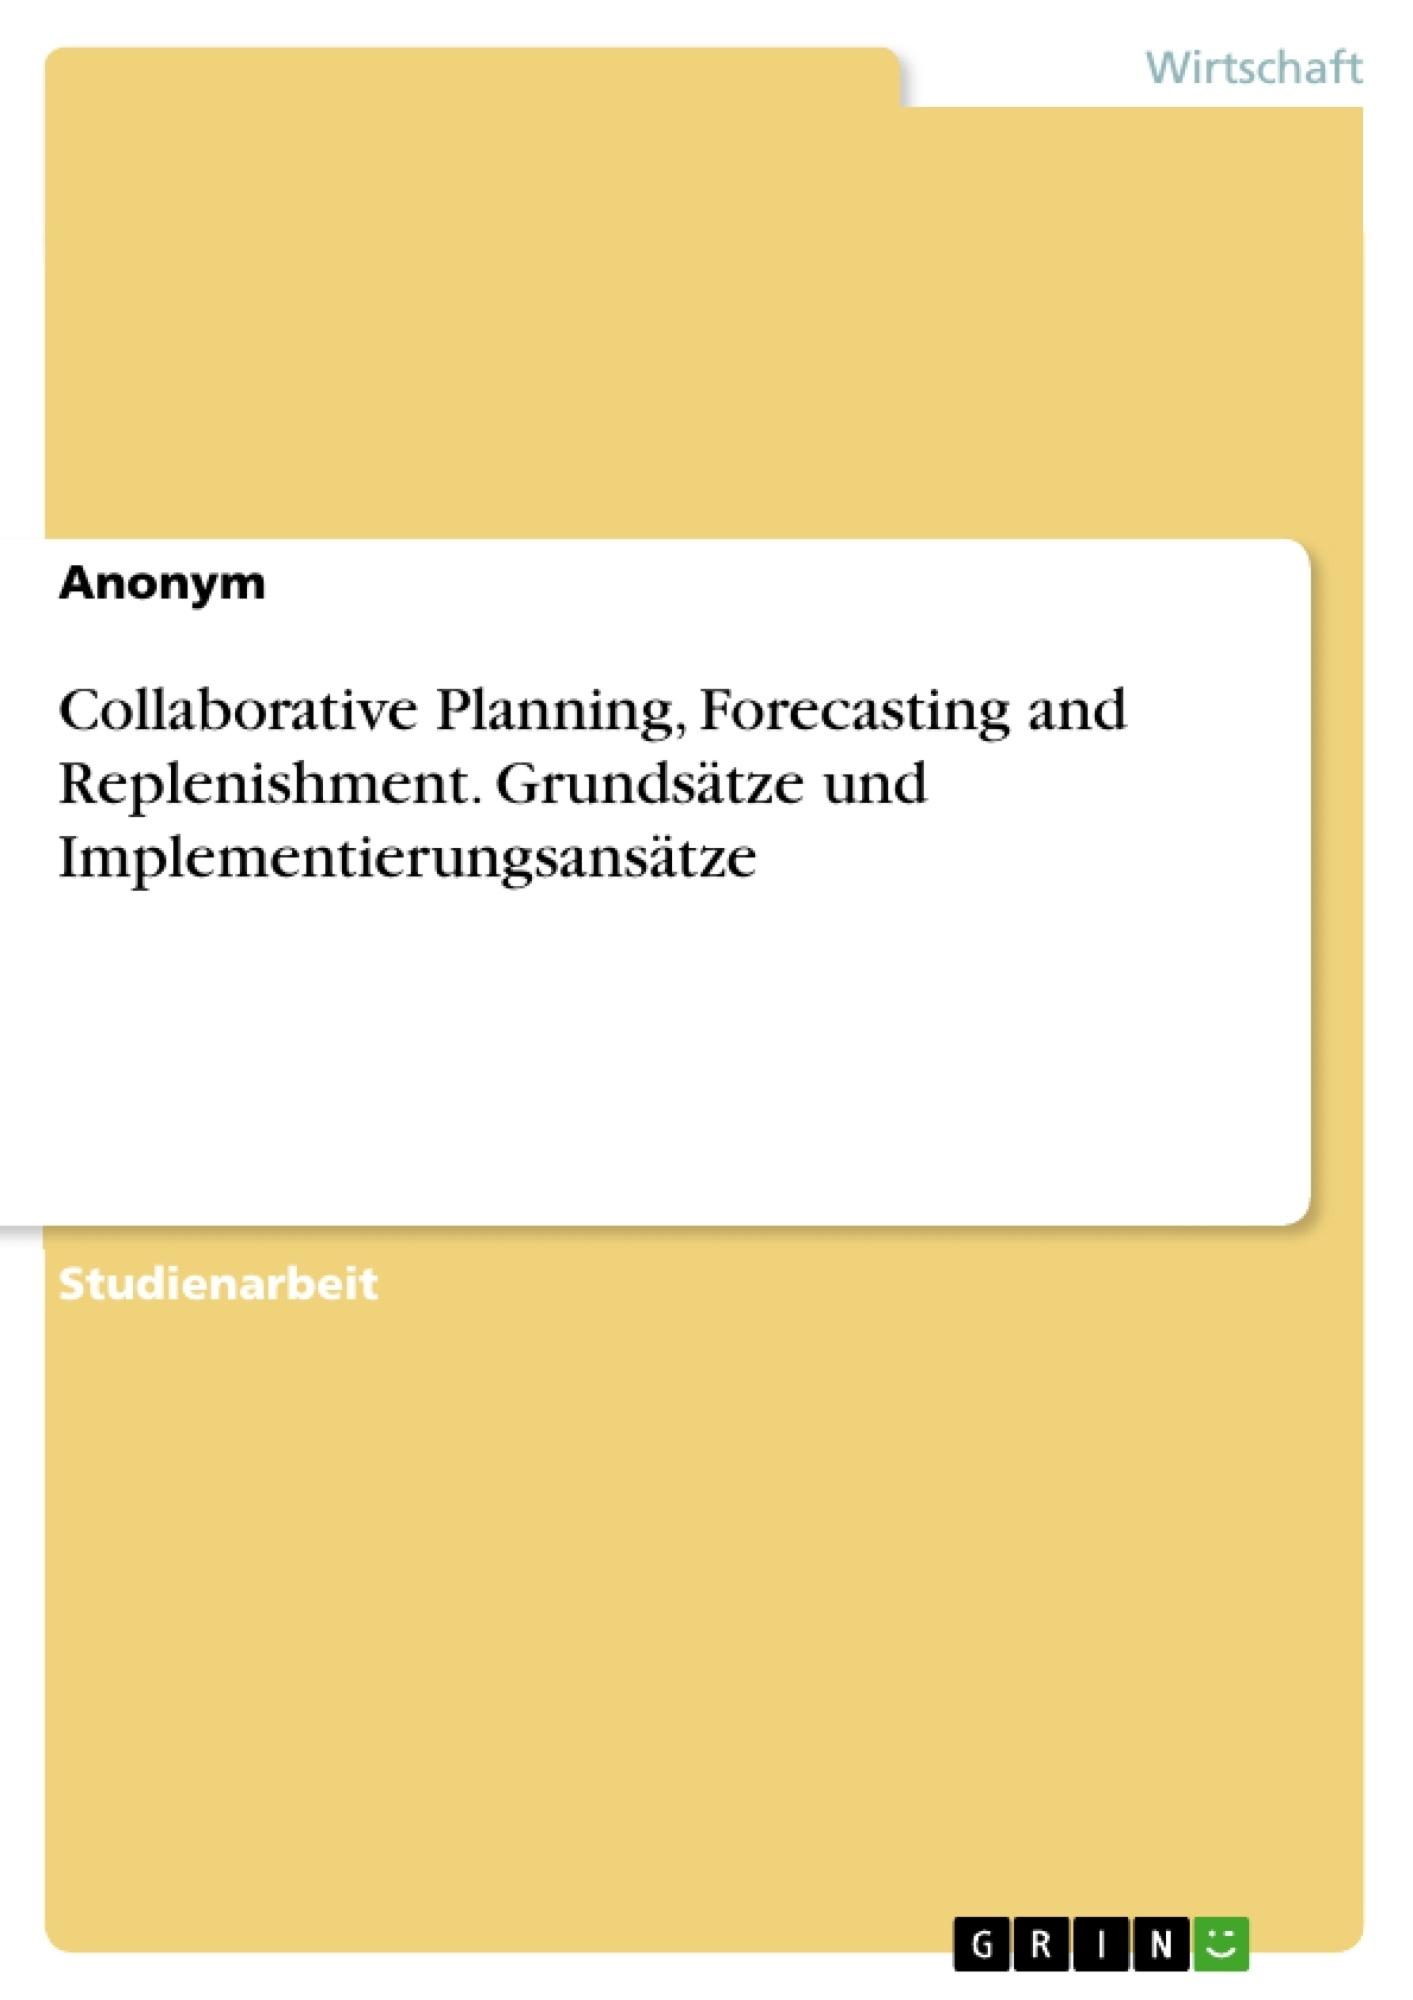 Titel: Collaborative Planning, Forecasting and Replenishment. Grundsätze und Implementierungsansätze